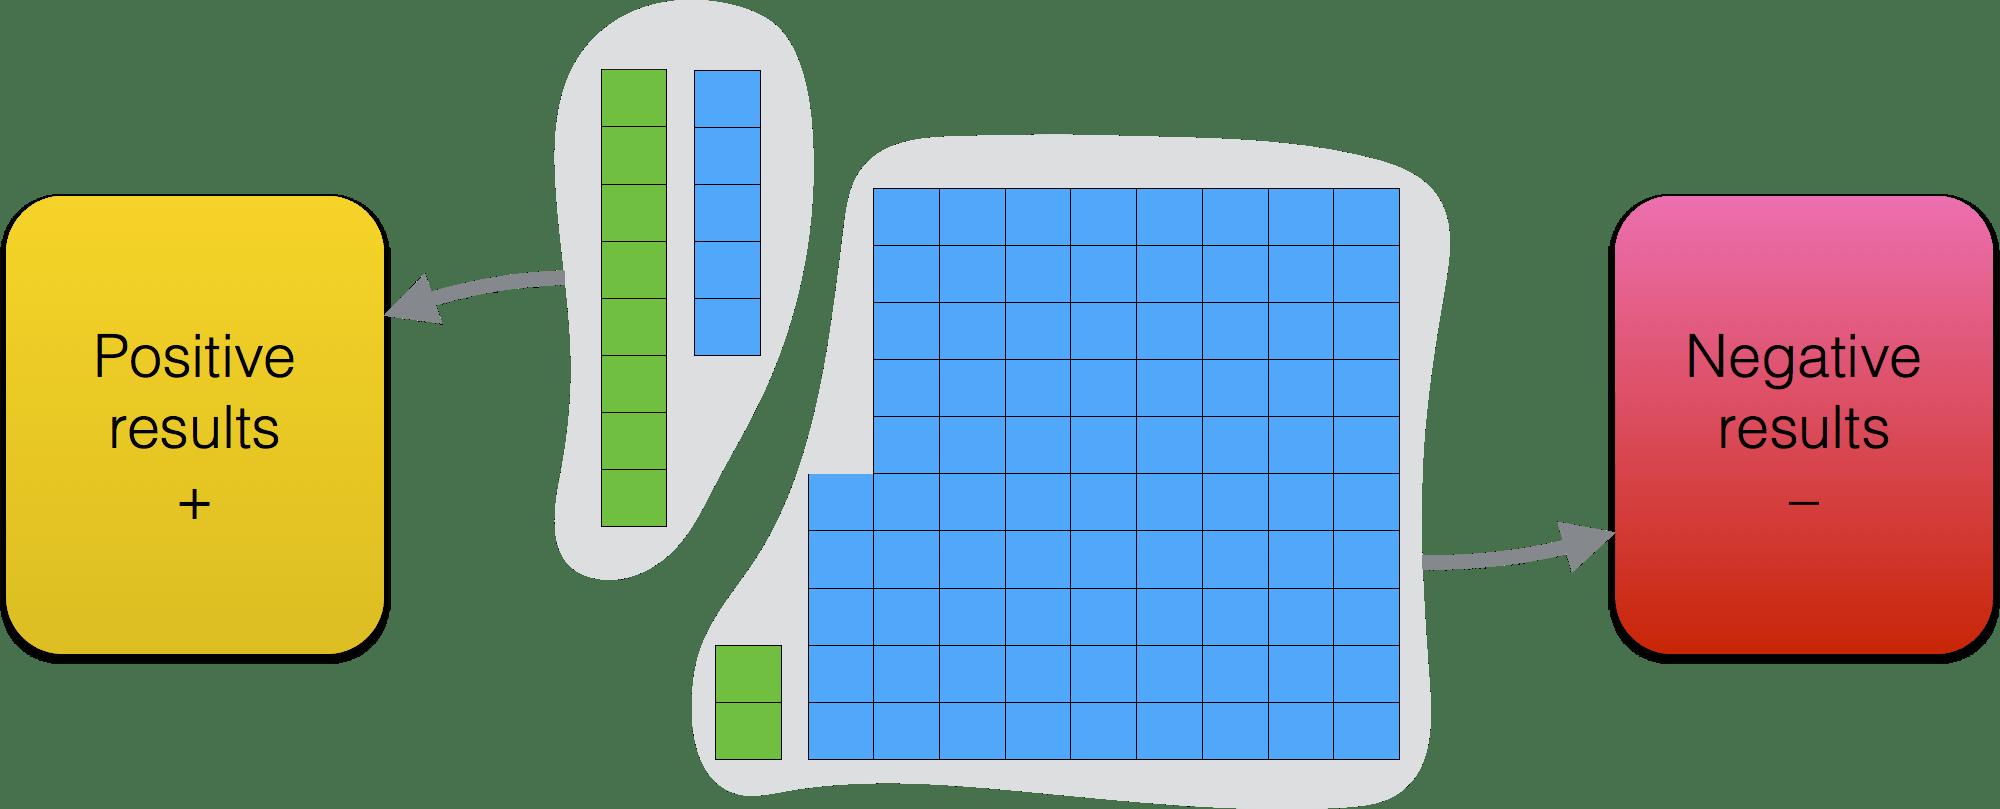 hight resolution of gene clicker tutorial in this optimistic scenario